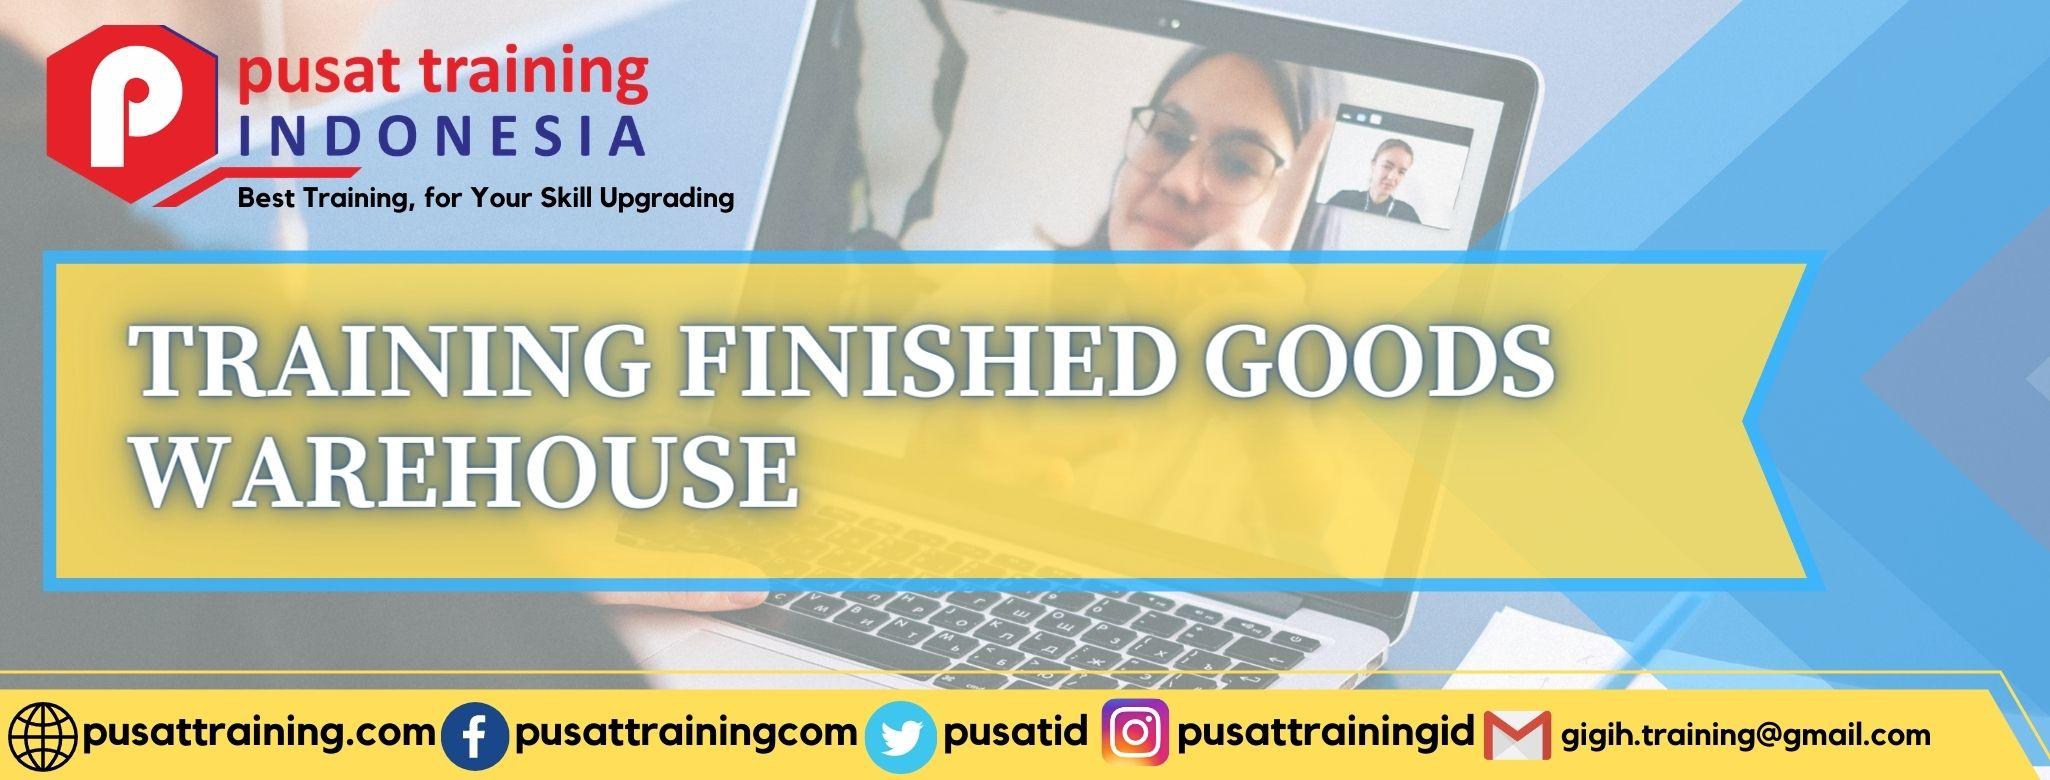 training-finished-goods-warehouse